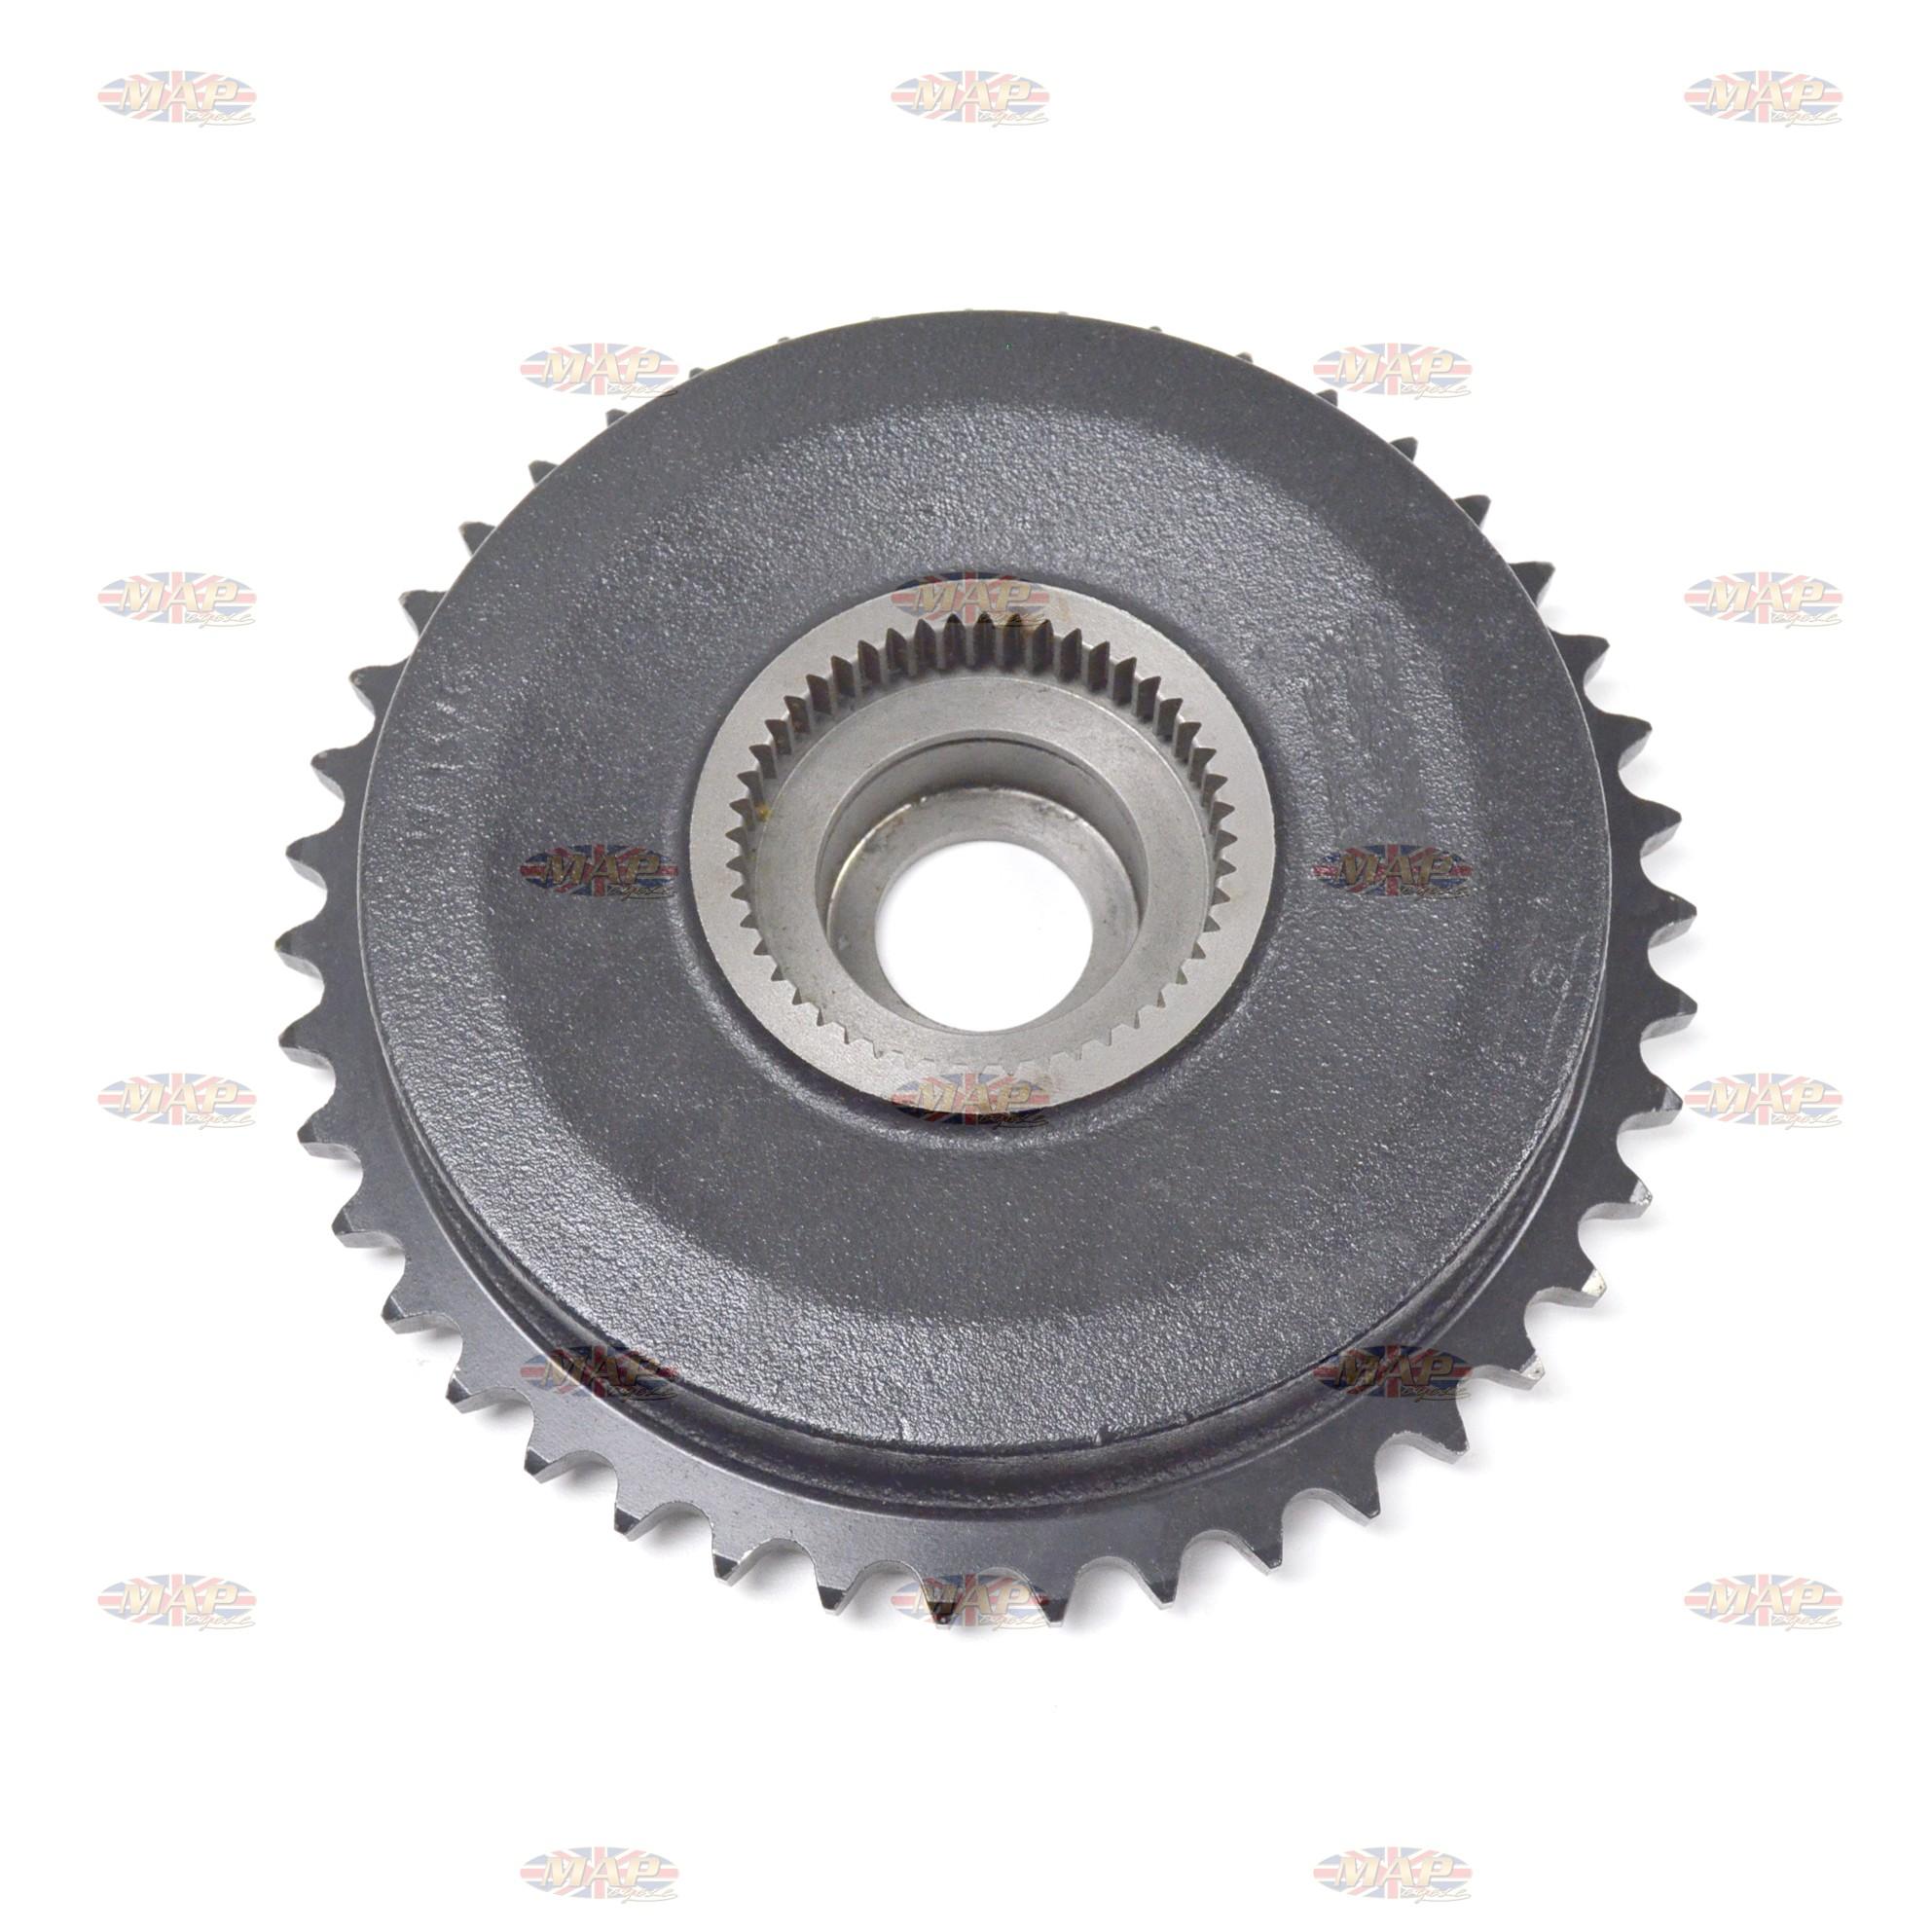 DRUMSPROCKET/ TRI 43T (QC) Cast-Iron (UK 37-1376